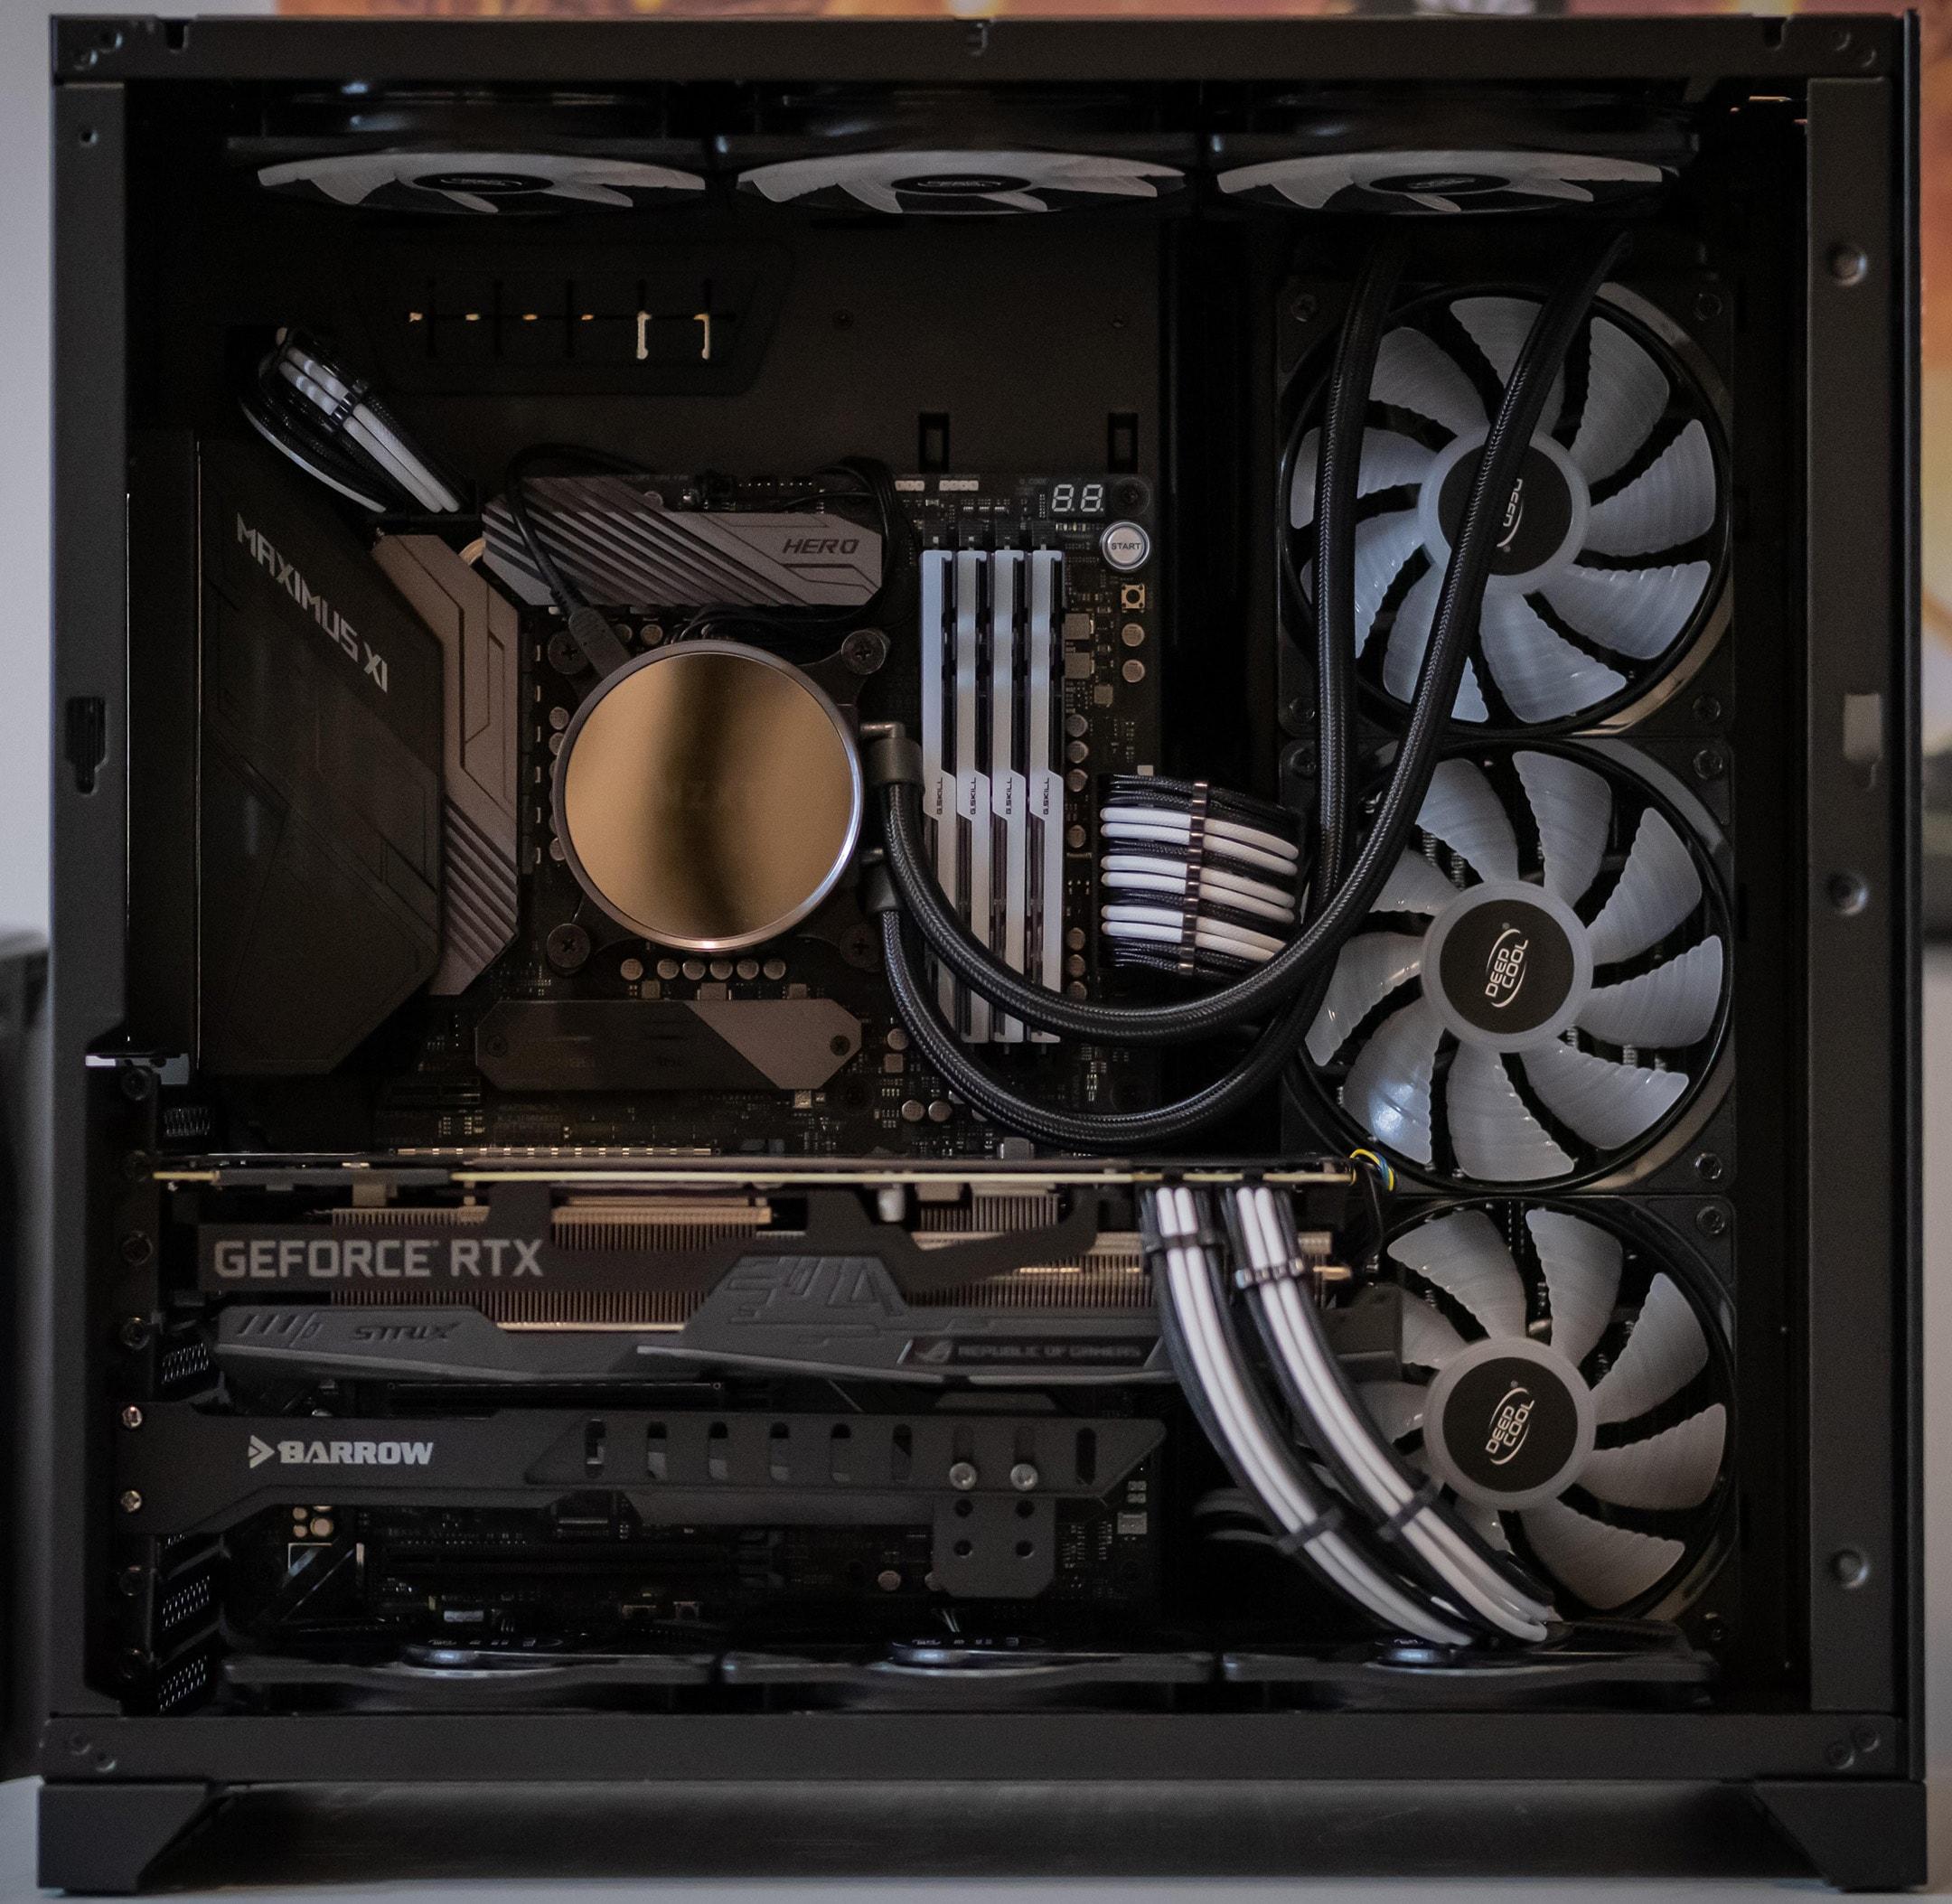 jingrokku (PC Build)